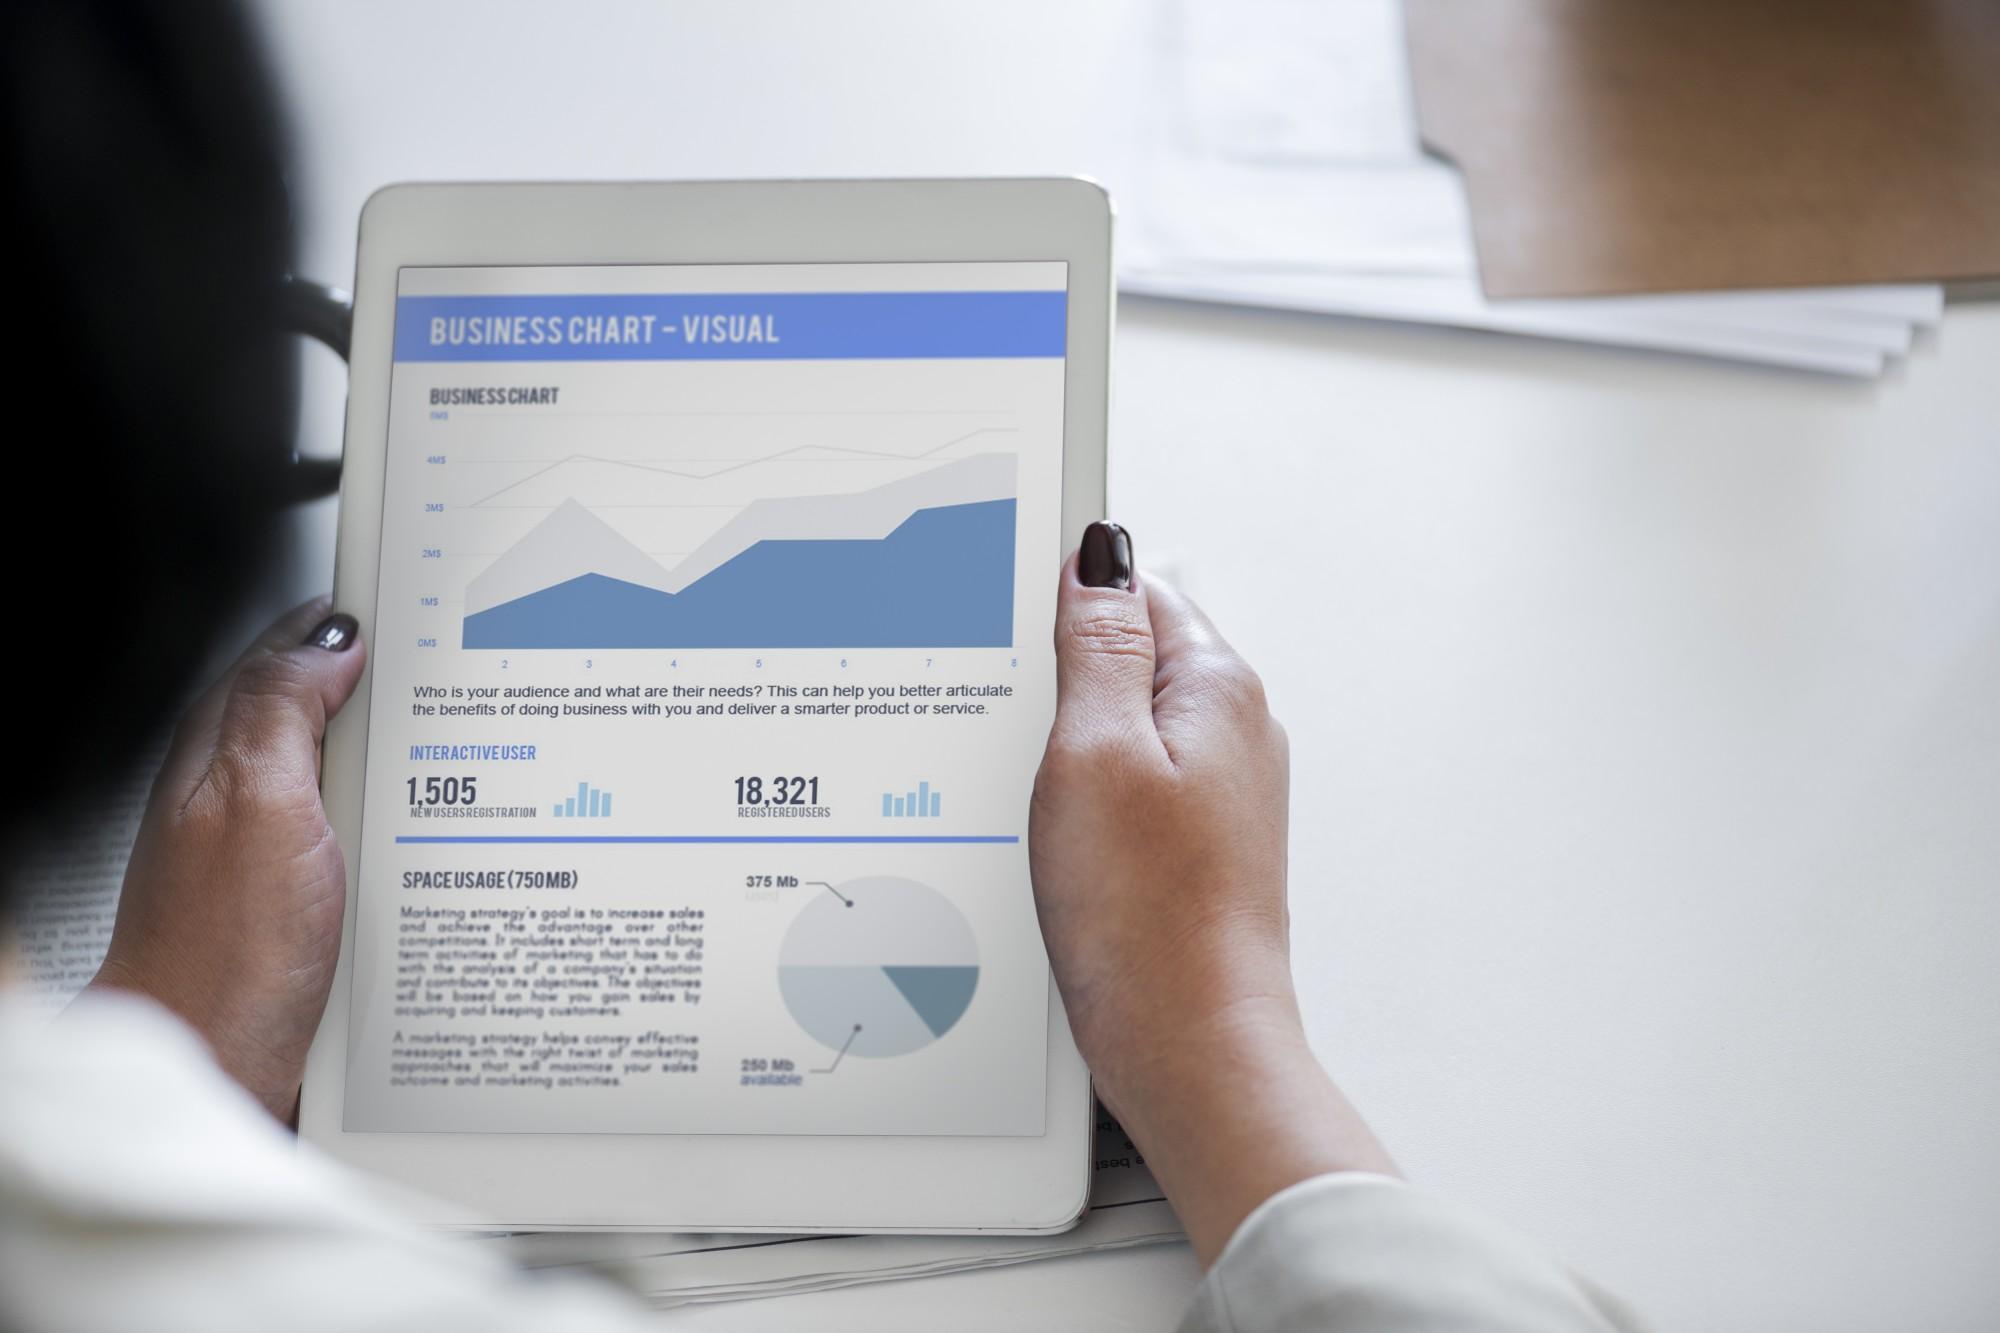 ¿Cómo transformar Big Data en Smart Data?